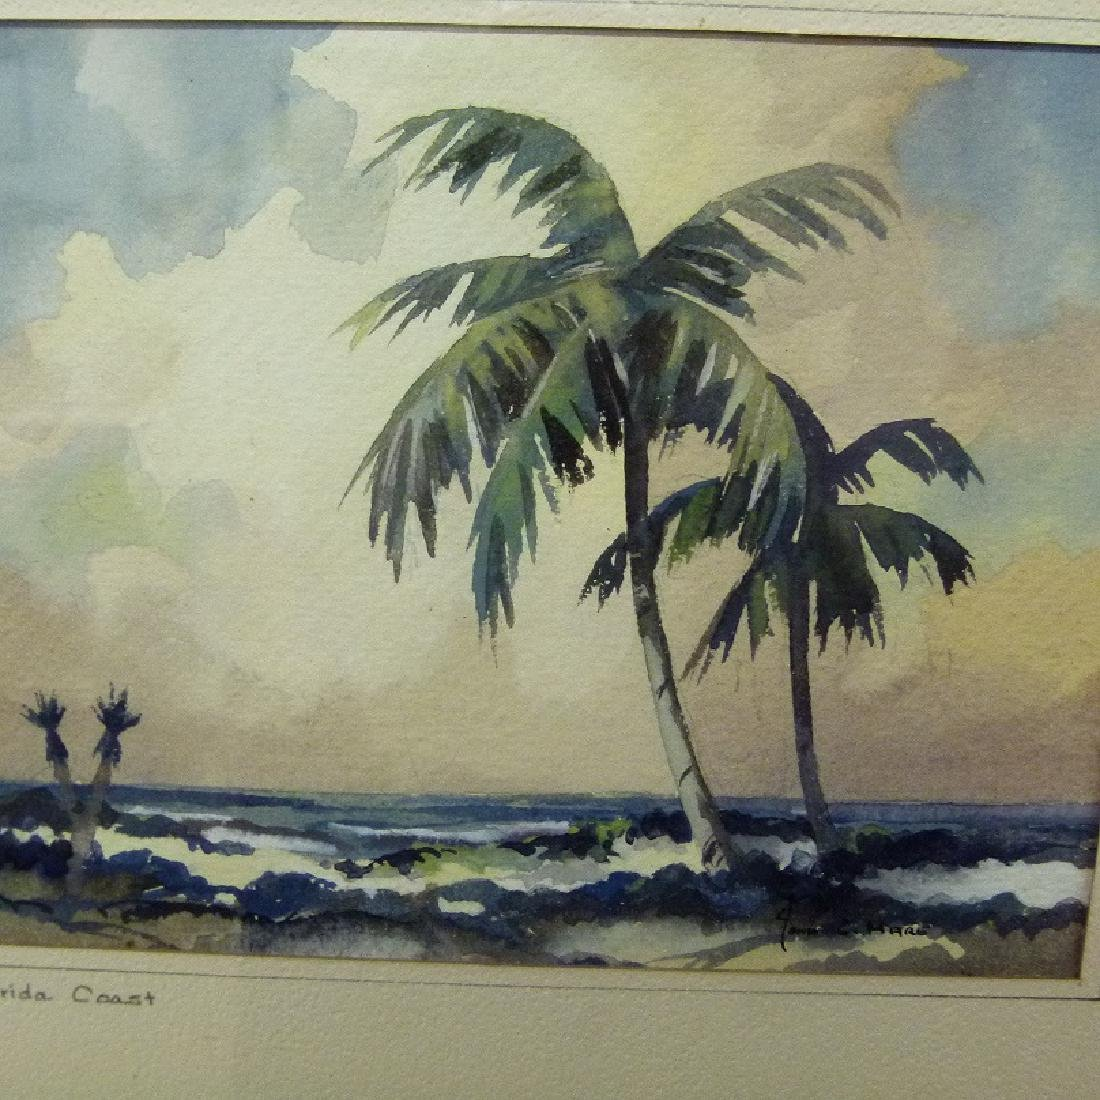 W/C FLORIDA COAST SIGNED JOHN C. HARE, 20TH C. - 5